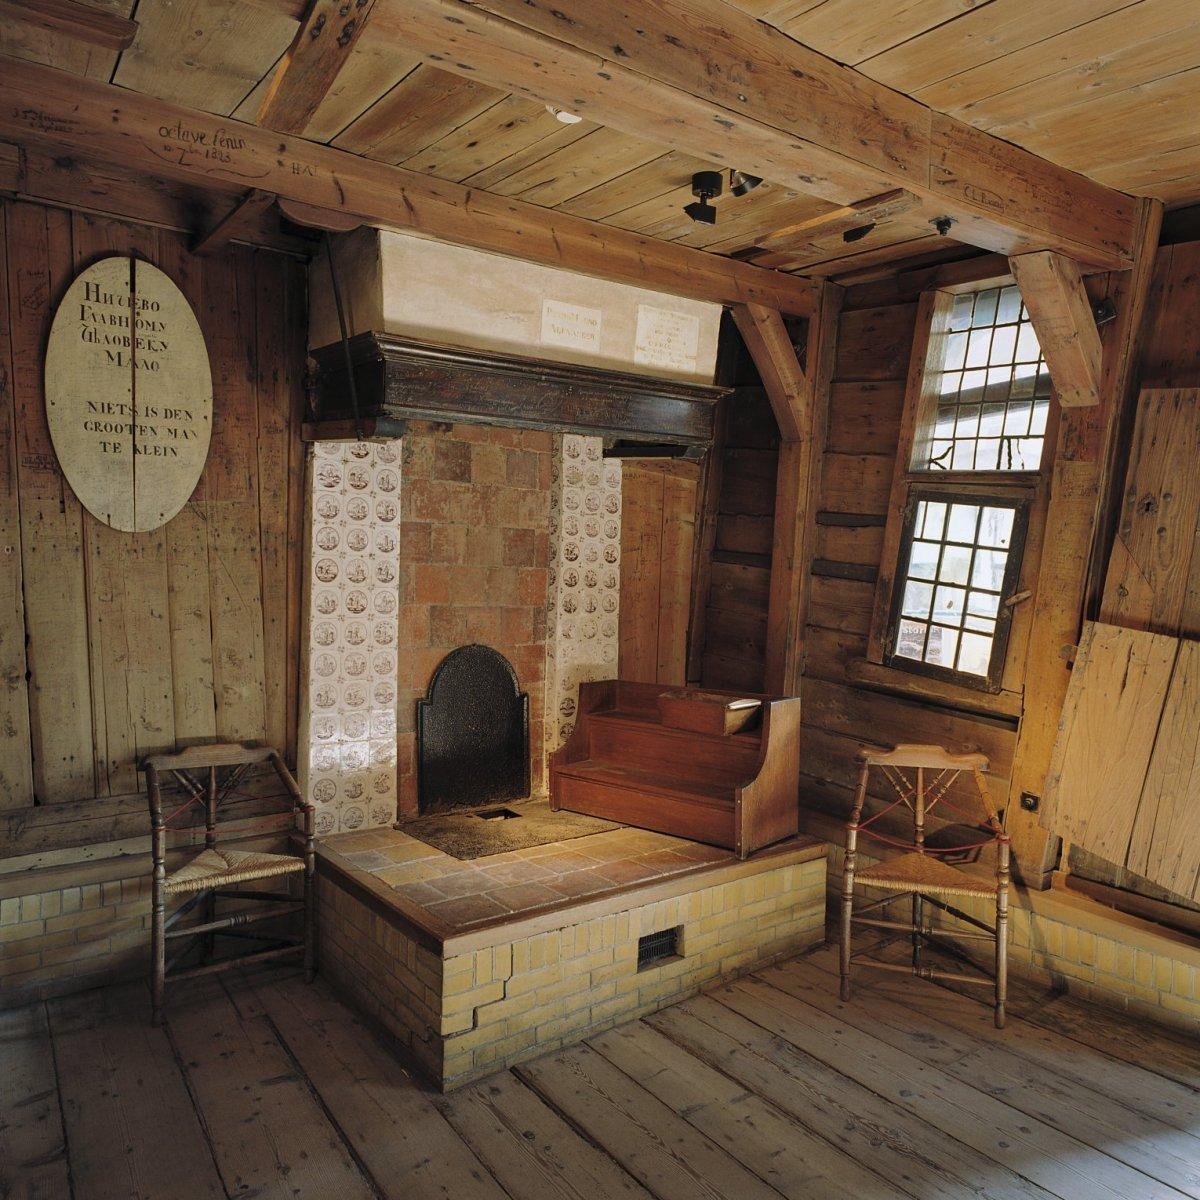 Bestand interieur overzicht van de schouw in het interieur van het houten huis binnen het - Houten chalet interieur ...